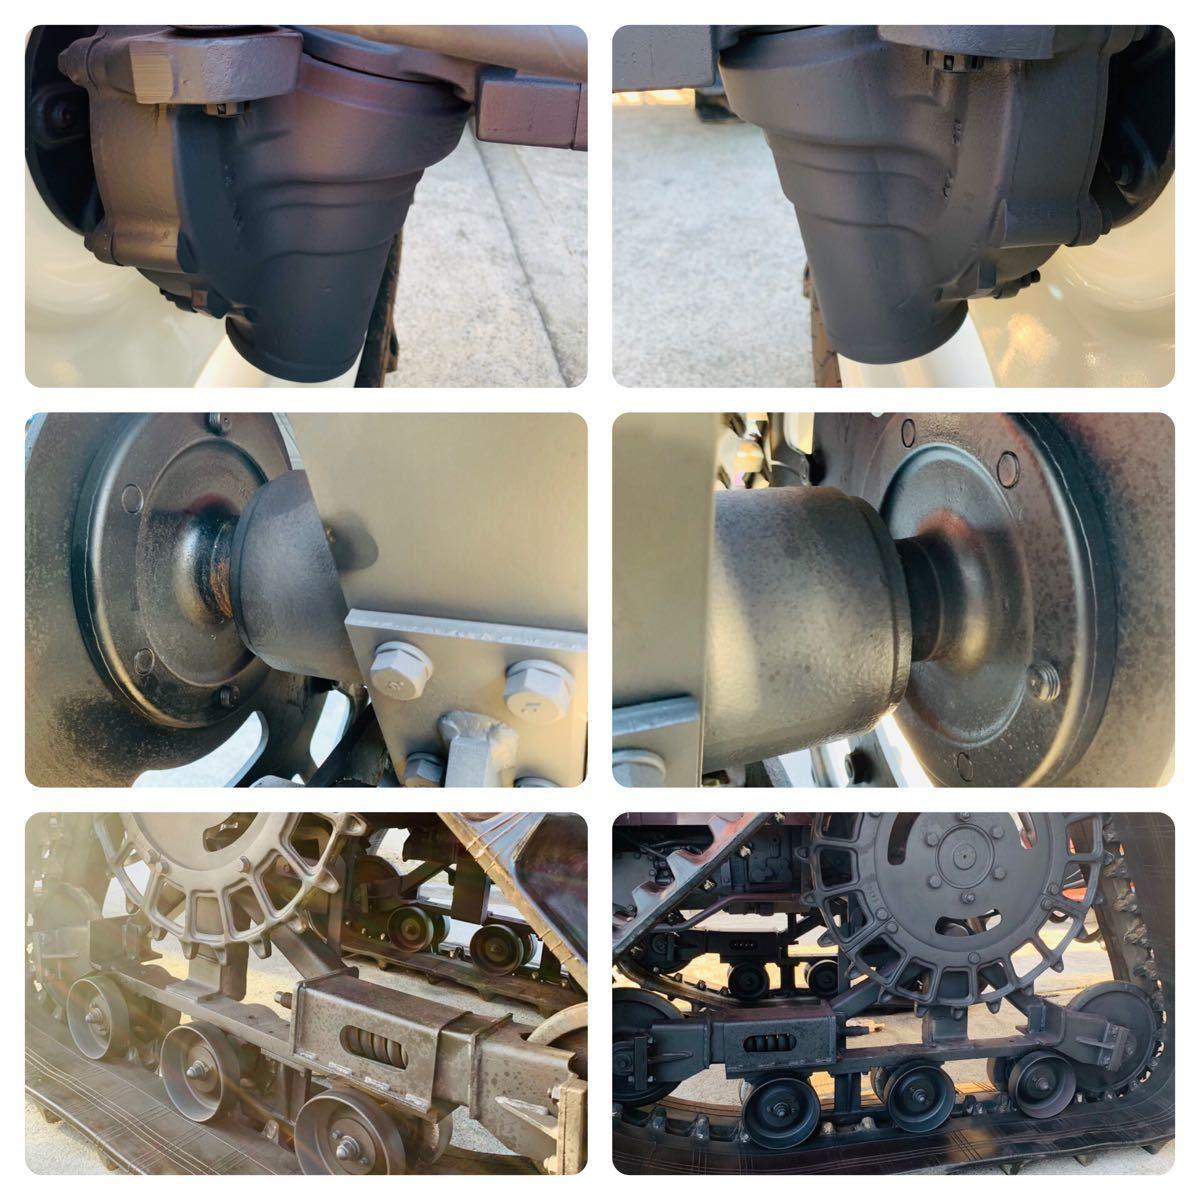 クボタ トラクターKL505 ハイスピード エアコンキャビン付き 高速パワクロ 50馬力 。_画像7